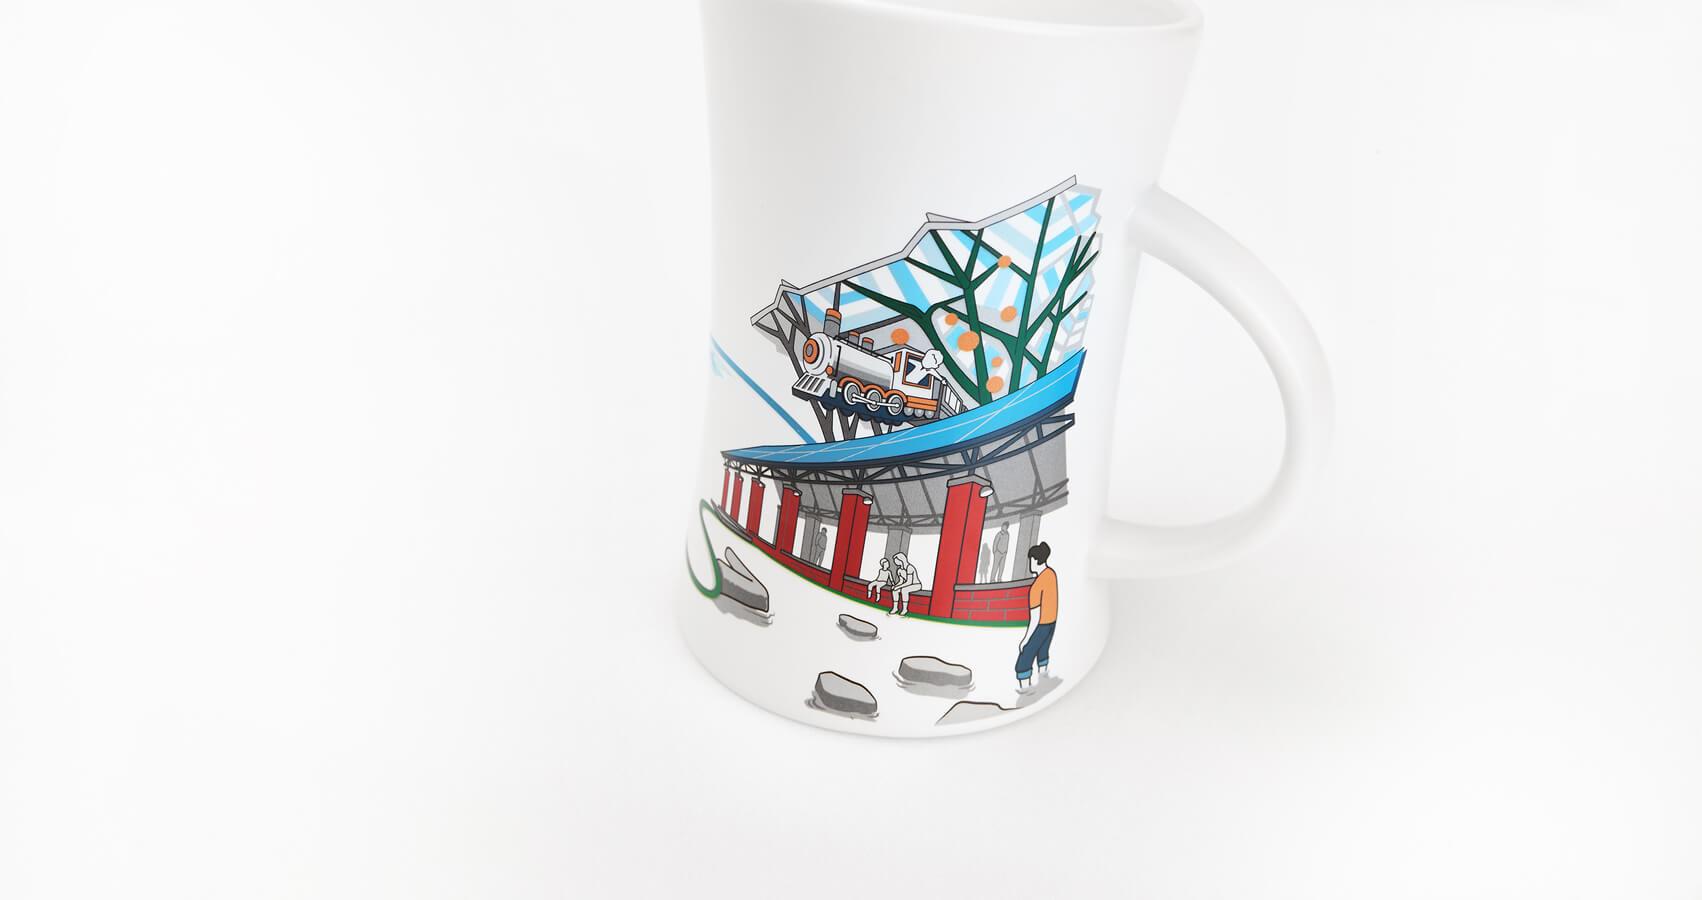 宜蘭變色杯-細節_1700x900px